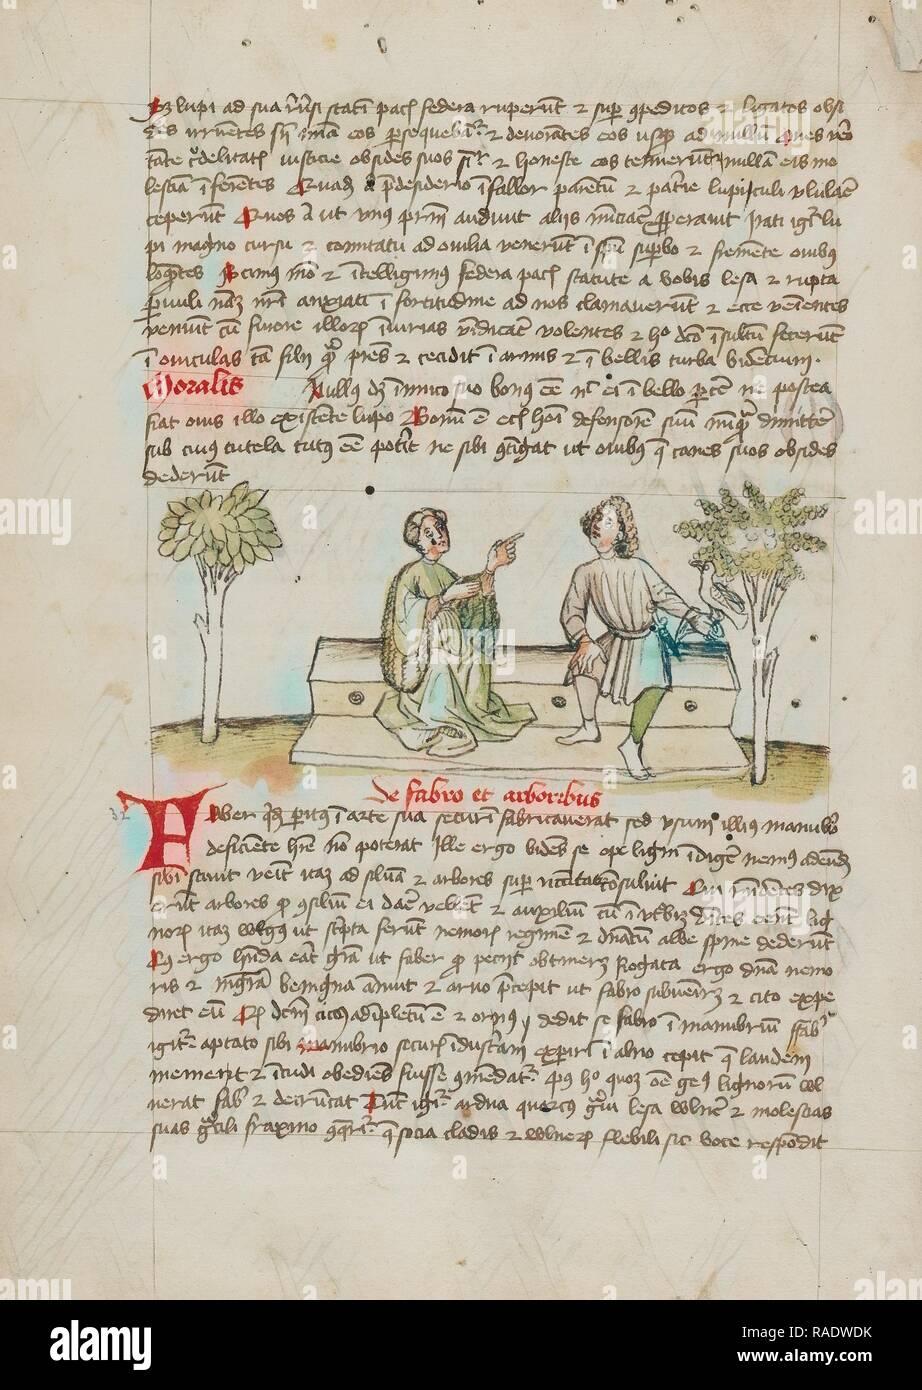 Une femme parlant à un cavalier, Trèves (probablement), l'Allemagne, troisième trimestre de 15e siècle, la plume et l'encre noire et repensé Photo Stock